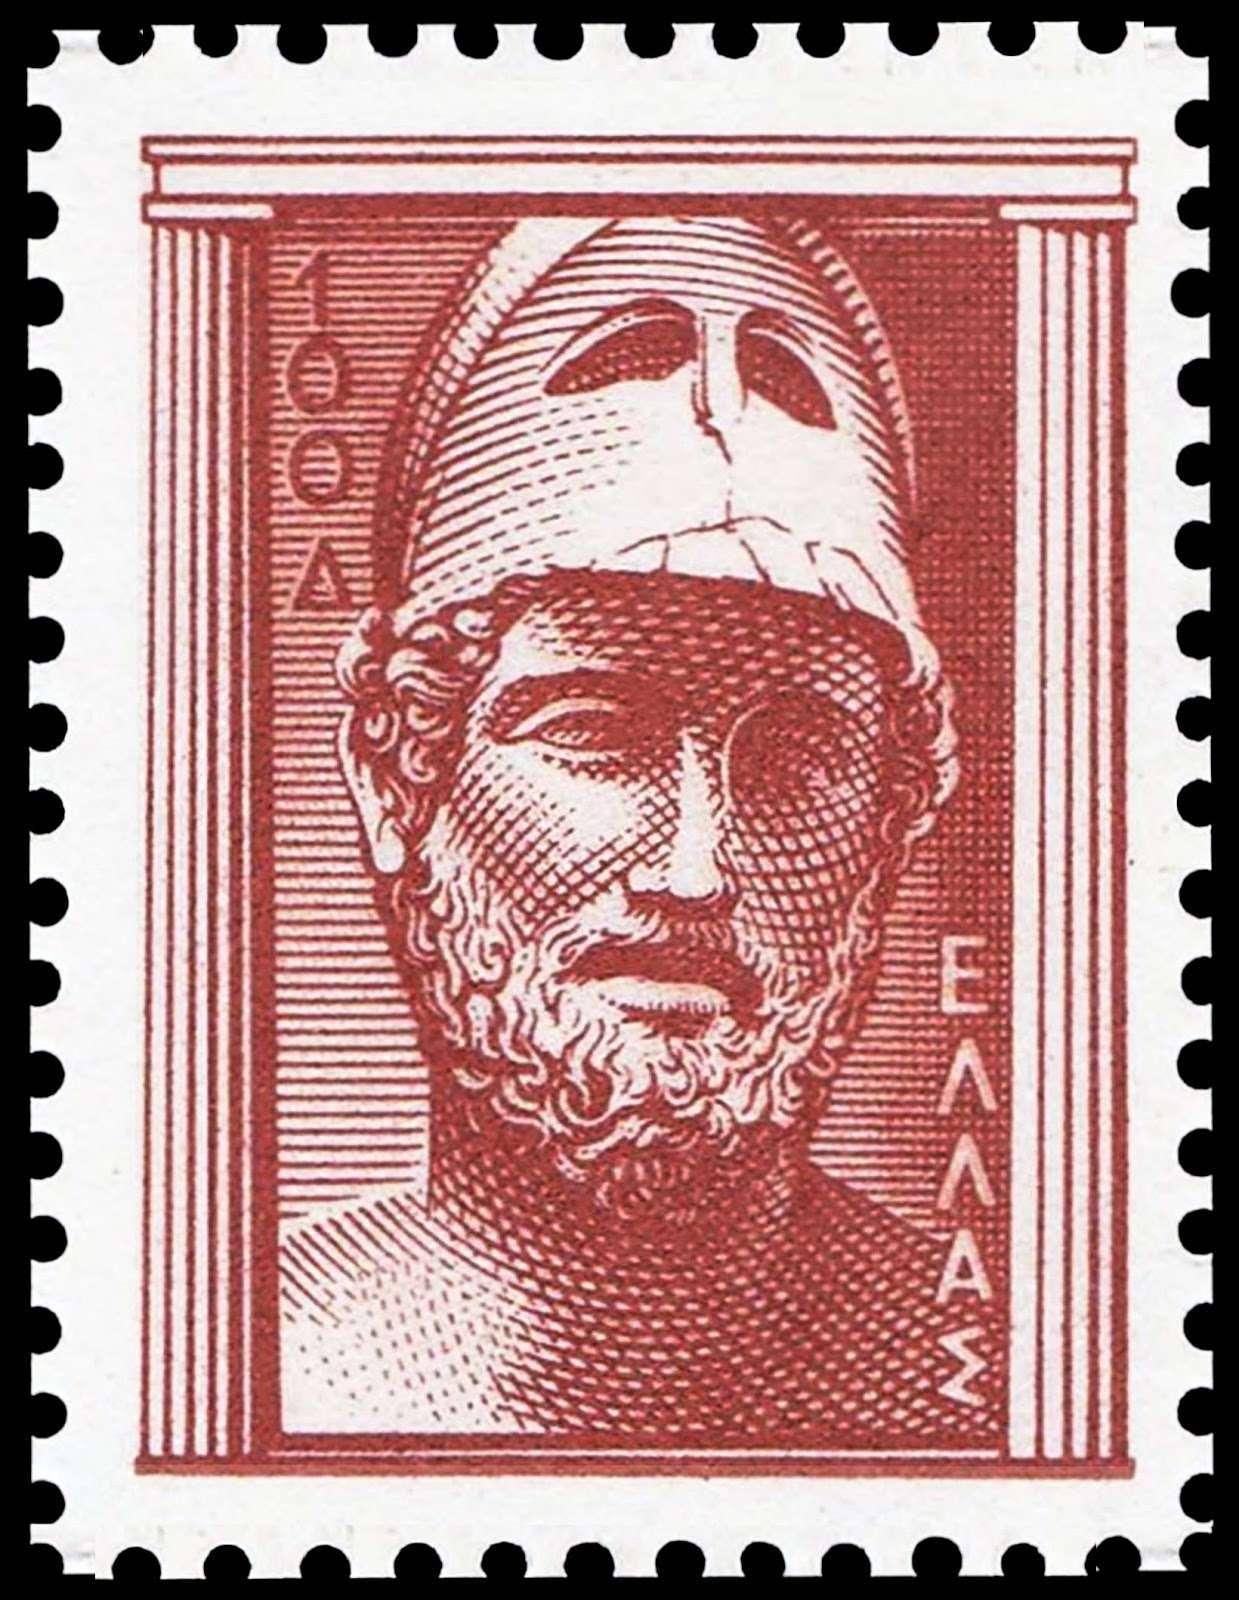 Ο Περικλής (από τις λέξεις περί και κλέος δηλαδή o περιτριγυρισμένος από δόξα, περίδοξος, περίπου 495-429 π.Χ.) ήταν Αρχαίος Έλληνας πολιτικός, ρήτορας και στρατηγός του 5ου αιώνα π.Χ., γνωστού και ως «Χρυσού Αιώνα», και πιο συγκεκριμένα της περιόδου μεταξύ των Περσικών Πολέμων και του Πελοποννησιακού Πολέμου.Ελληνικό γραμματόσημο.